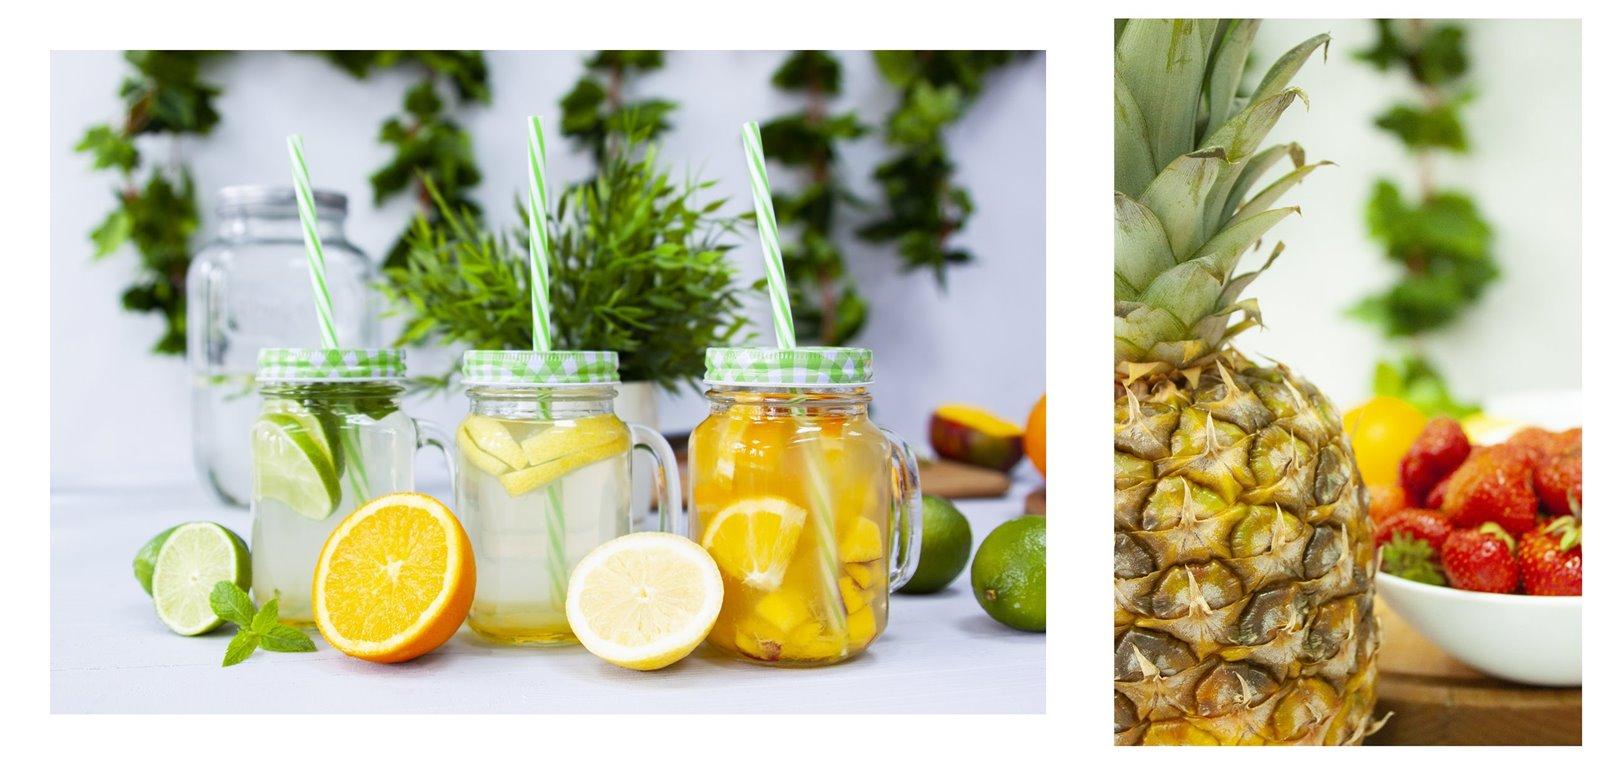 7 owoce sezon na lemoniadę browin jak zrobić pyszne napoje deser pomysły na przekąski na urodziny wakacje przyjęcie lato słoiki duży słój z kranem na lemoniadę słoiki ze słomką z uchem sklep gdzie kupić łódź